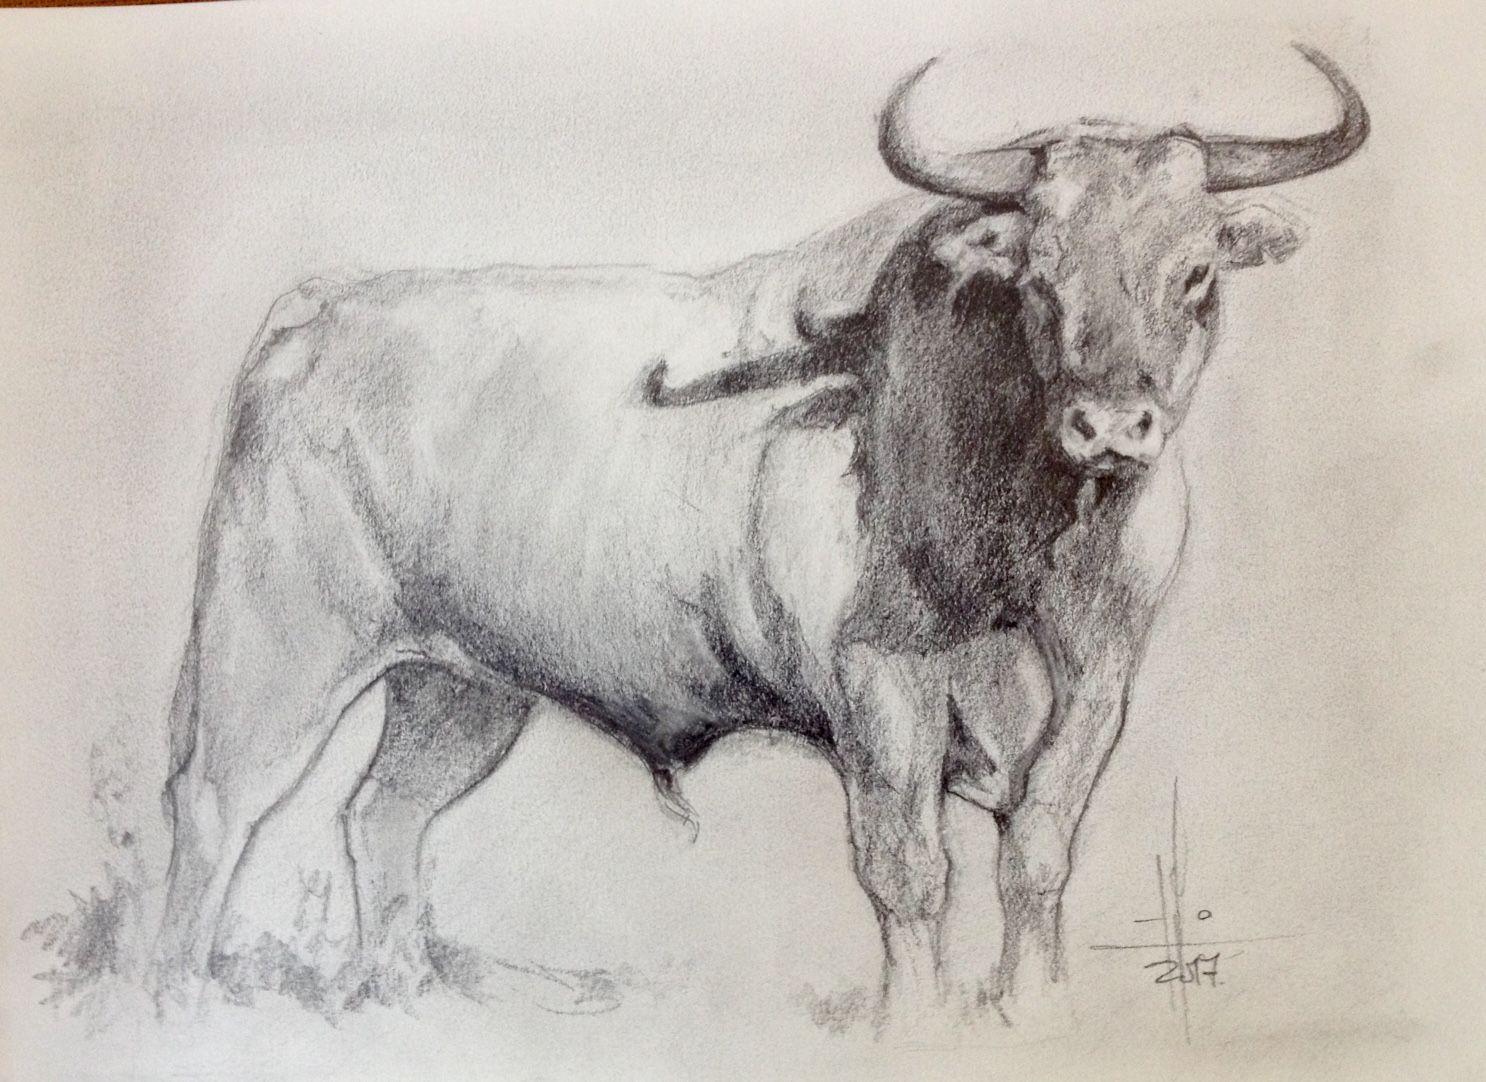 Dibujo A Lapiz De Un Toro Por Francisco Javier Abellan Dibujos A